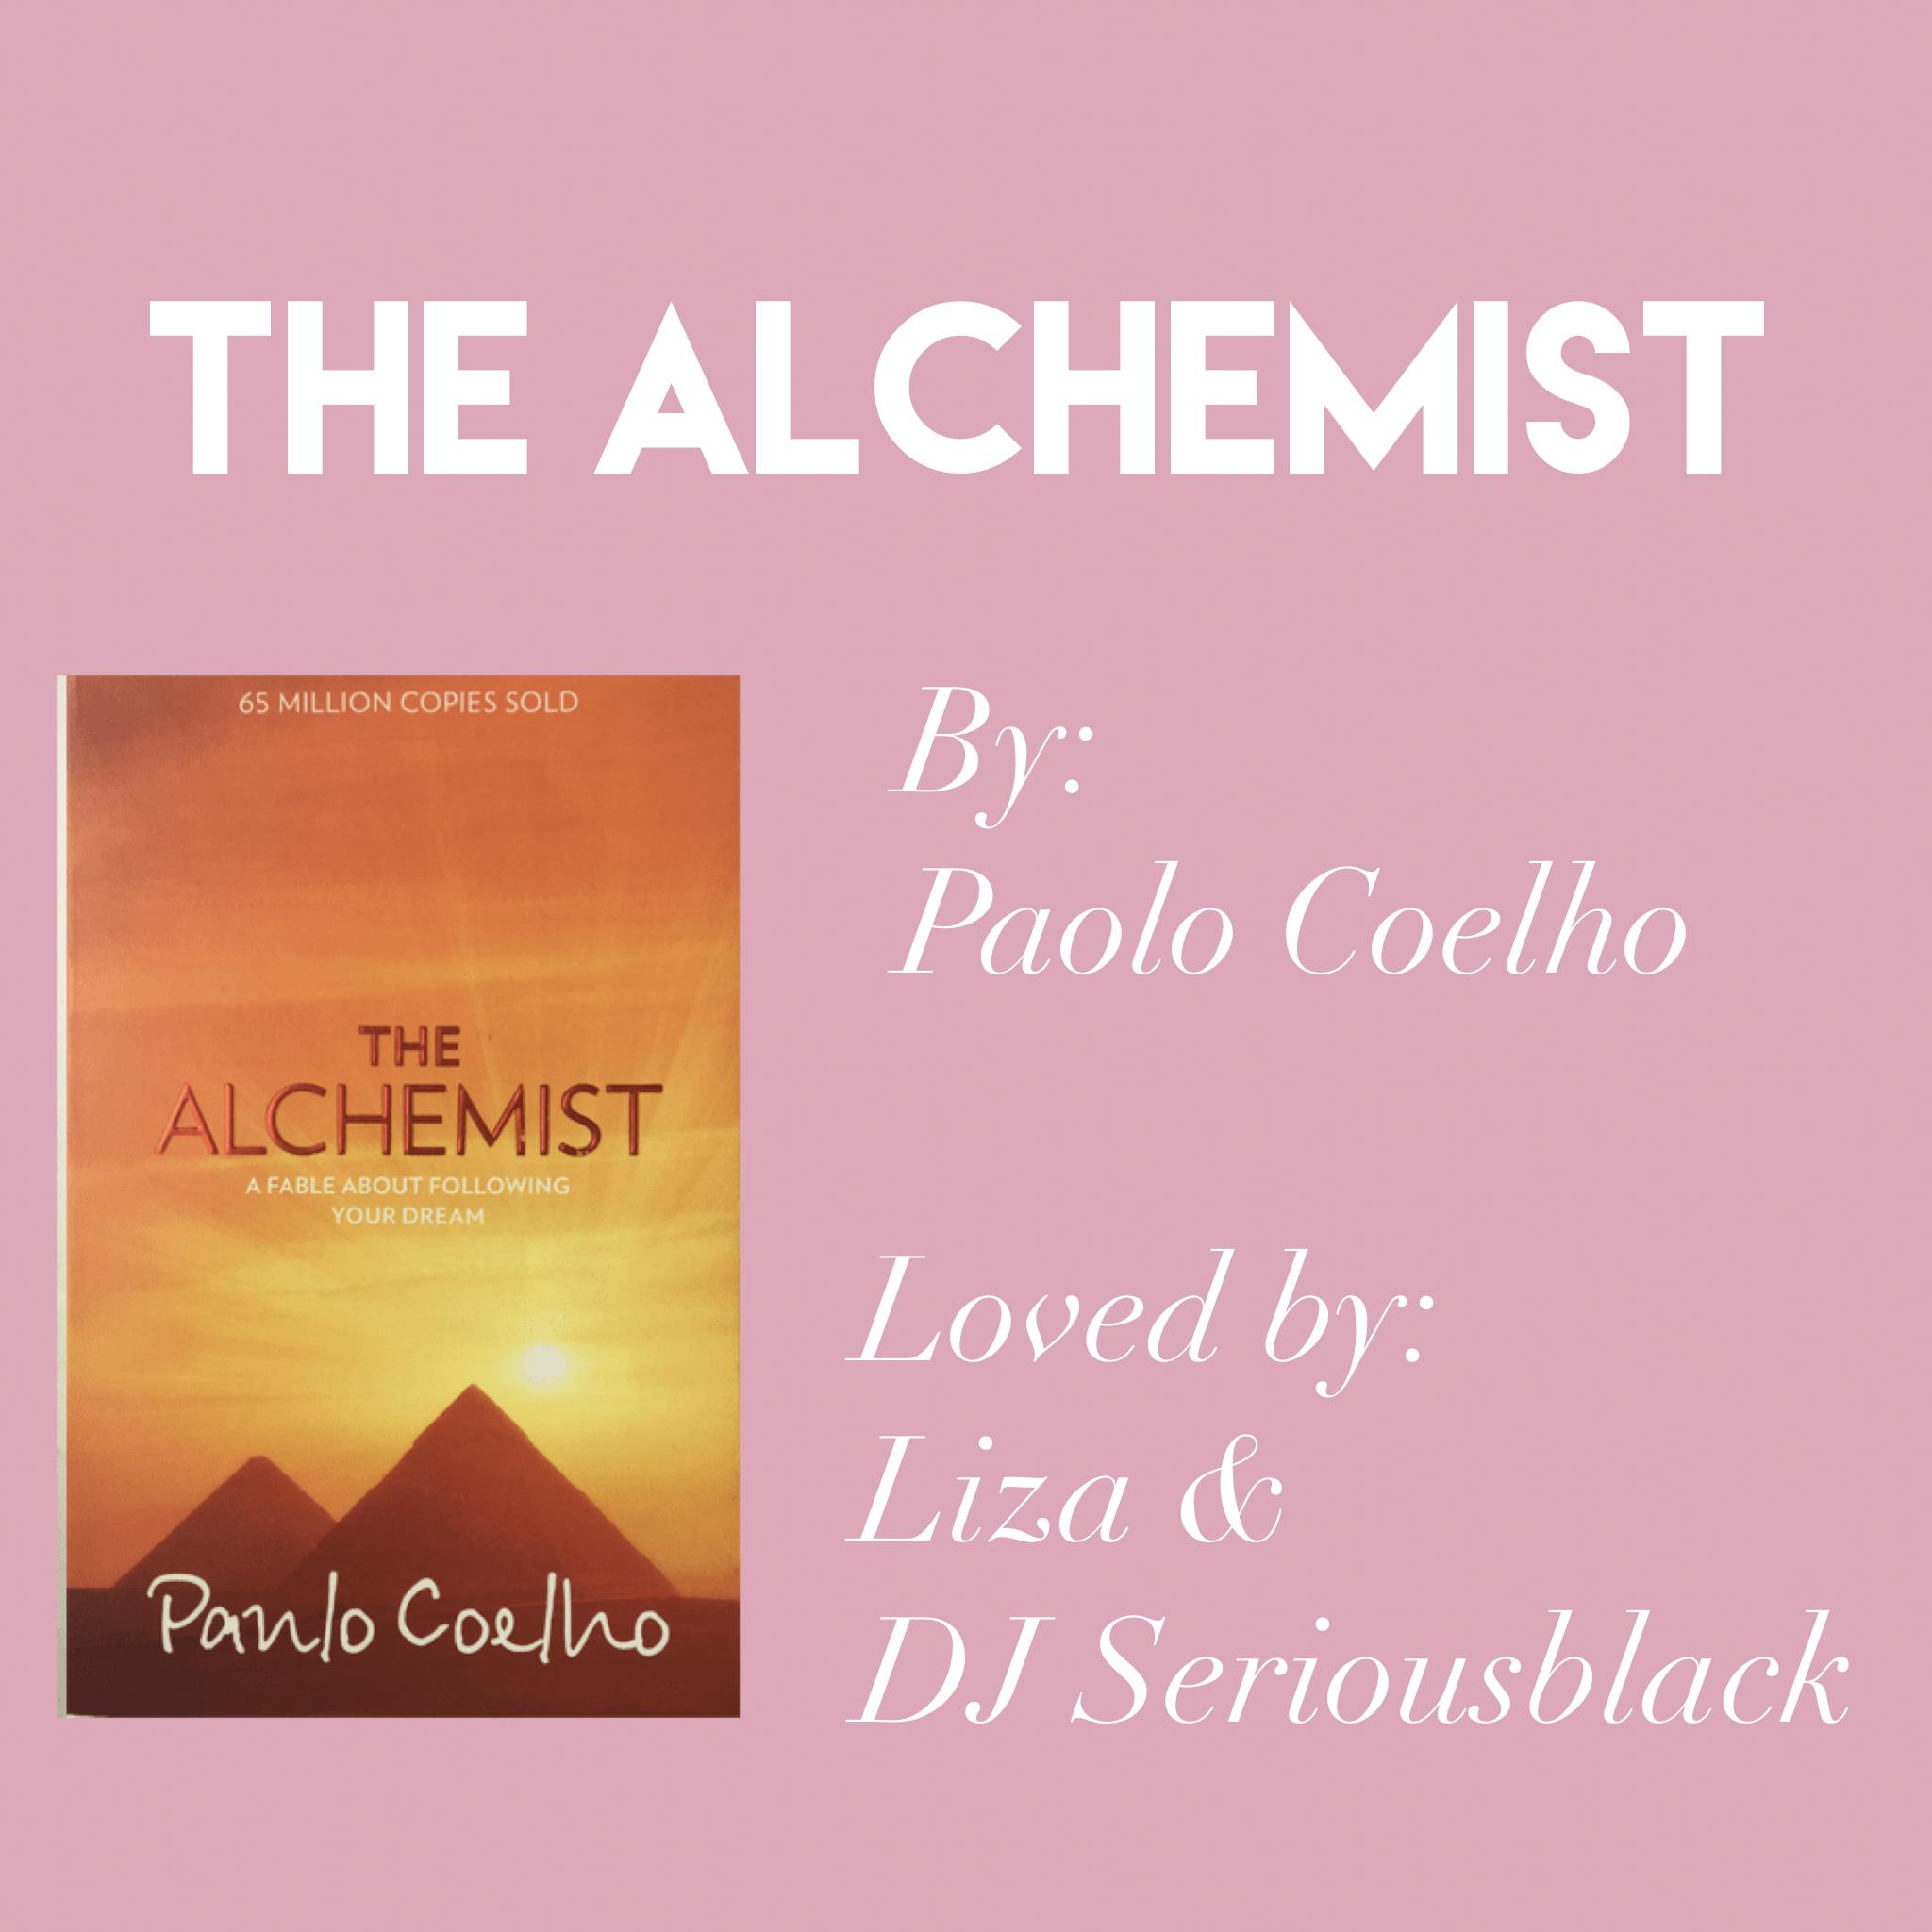 'The Alchemist' by Paulo Coelho // Loved by DJ Seriousblack